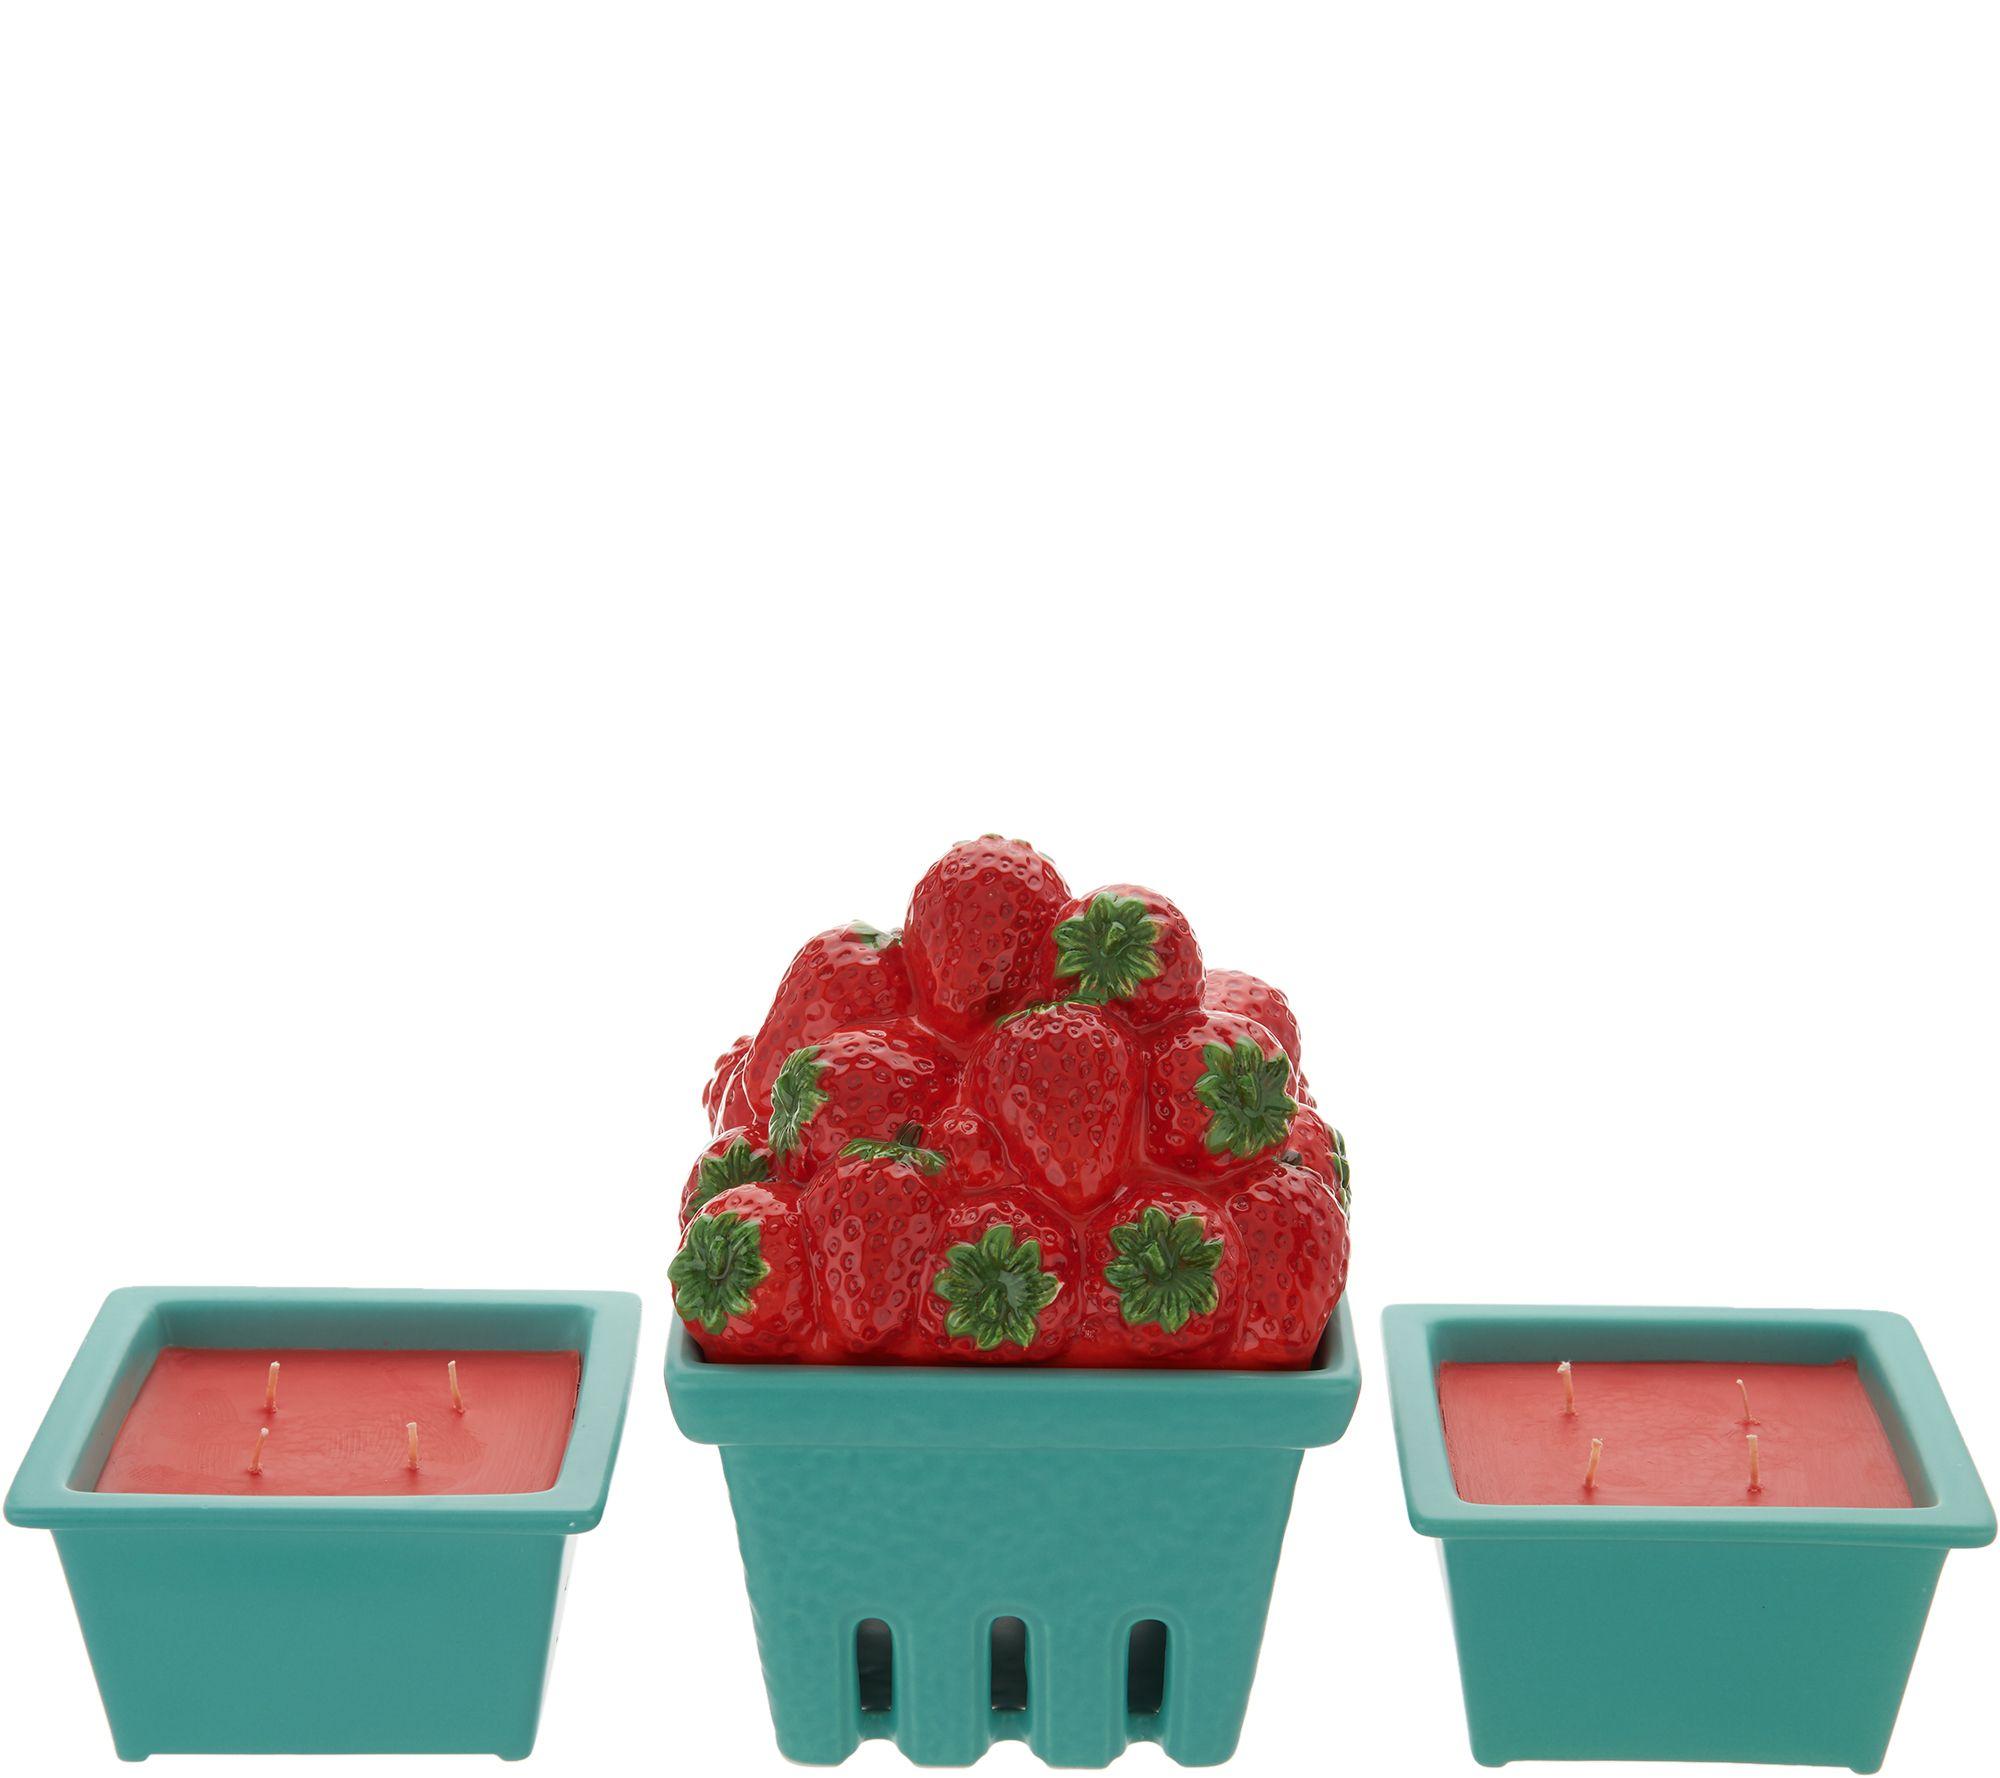 9021e1e483b3a HomeWorx by Harry Slatkin Ceramic Fruit Basket w/ (2) 9-oz Candles - Page 1  — QVC.com